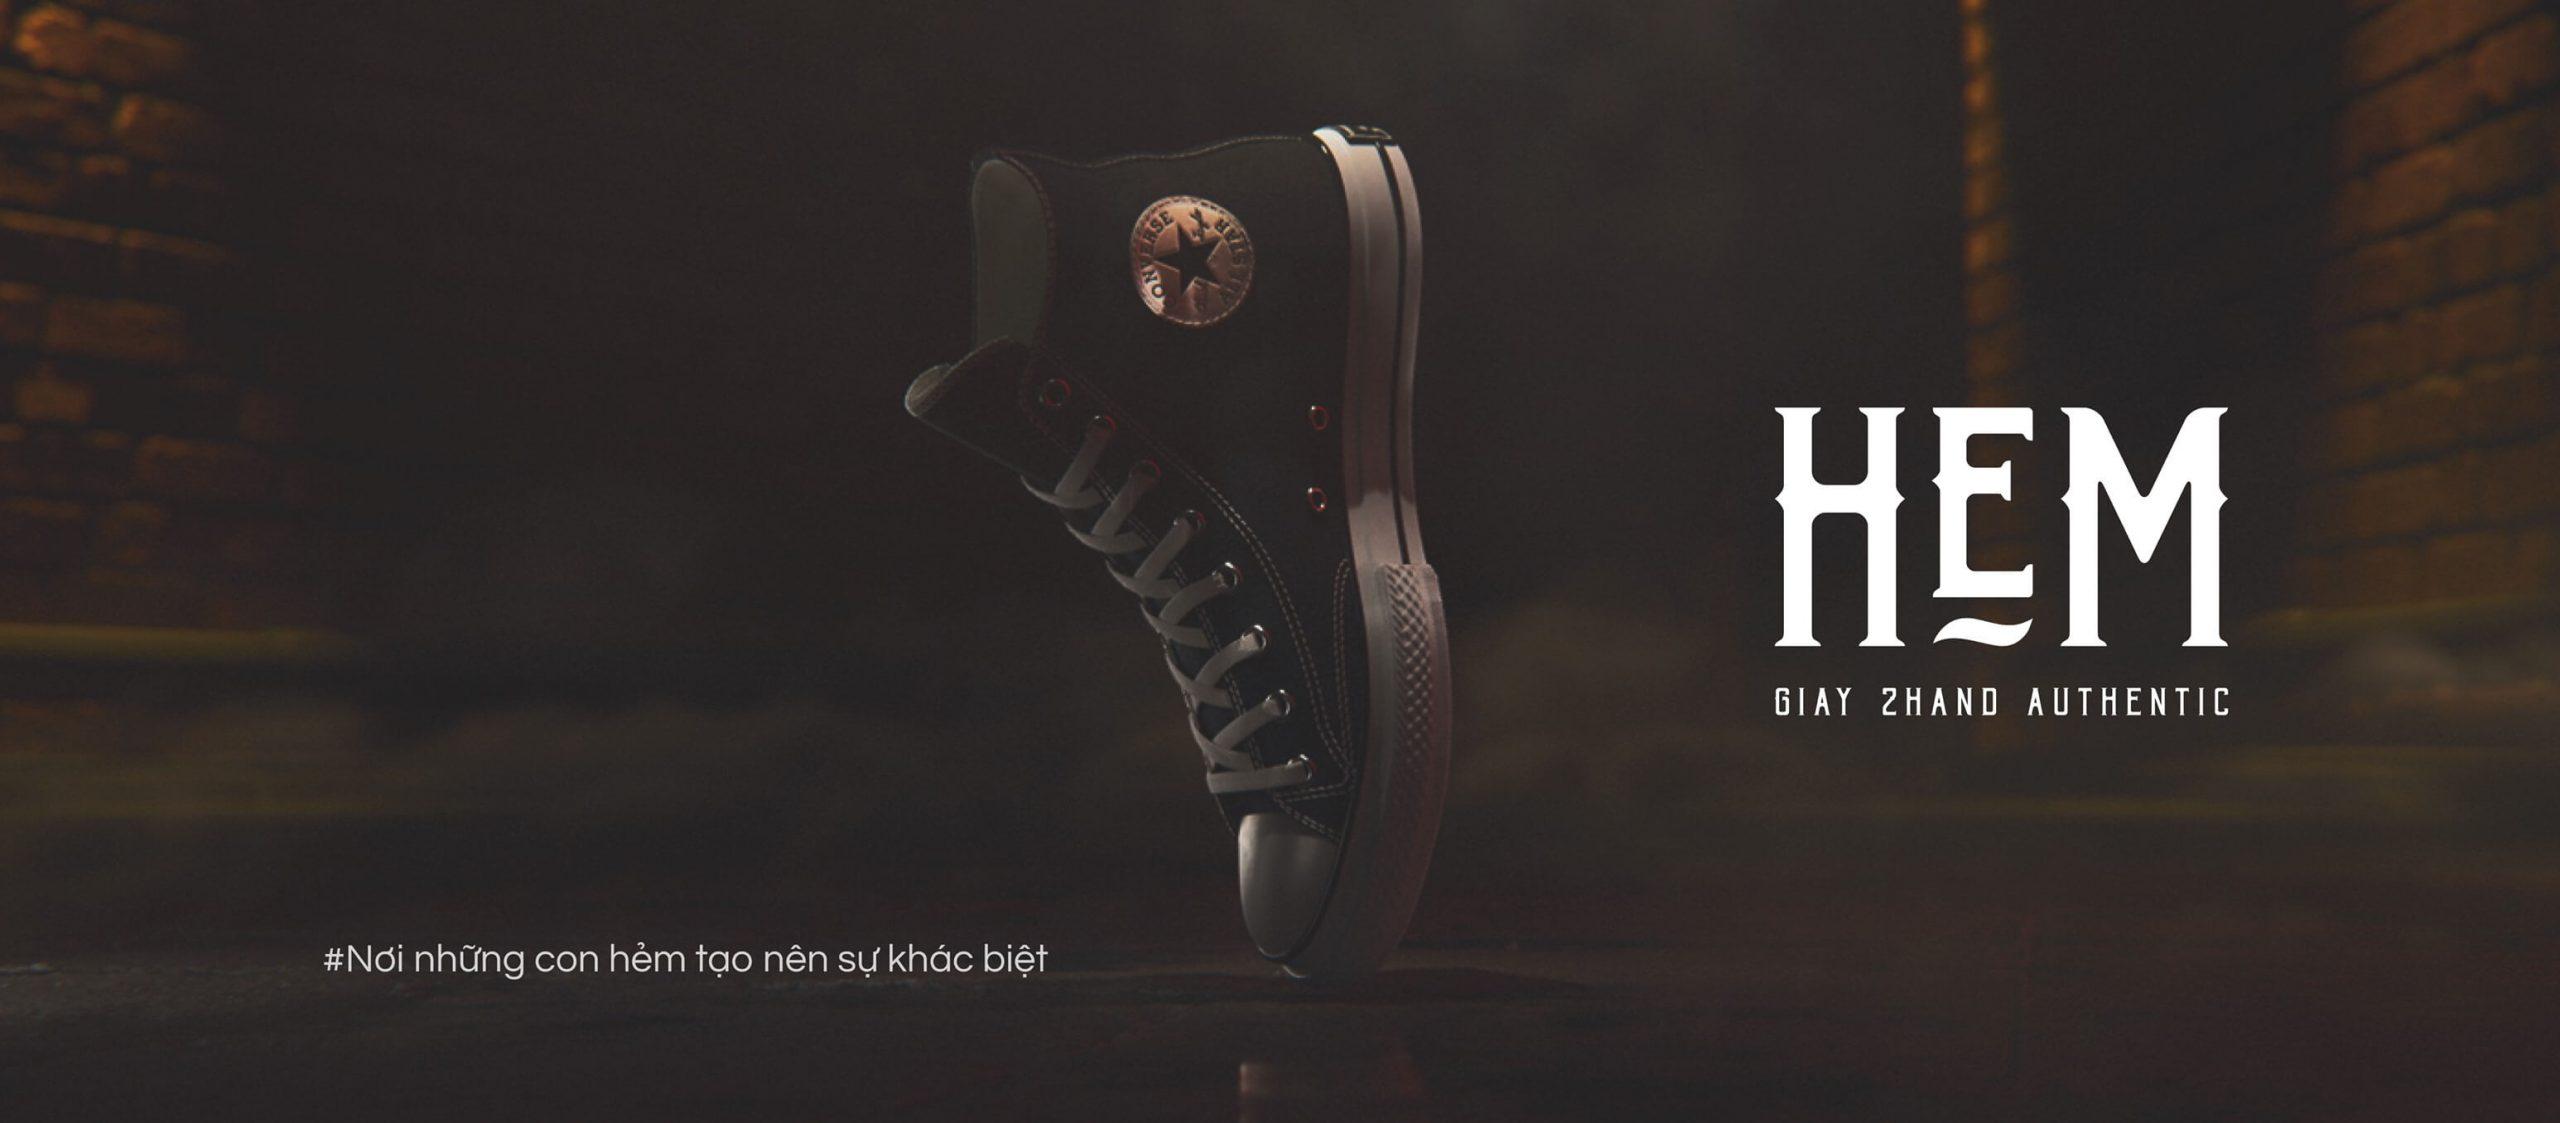 Rất nhiều dòng giày hot trên thị trường đang được bán tại Hẻm với giá cực rẻ